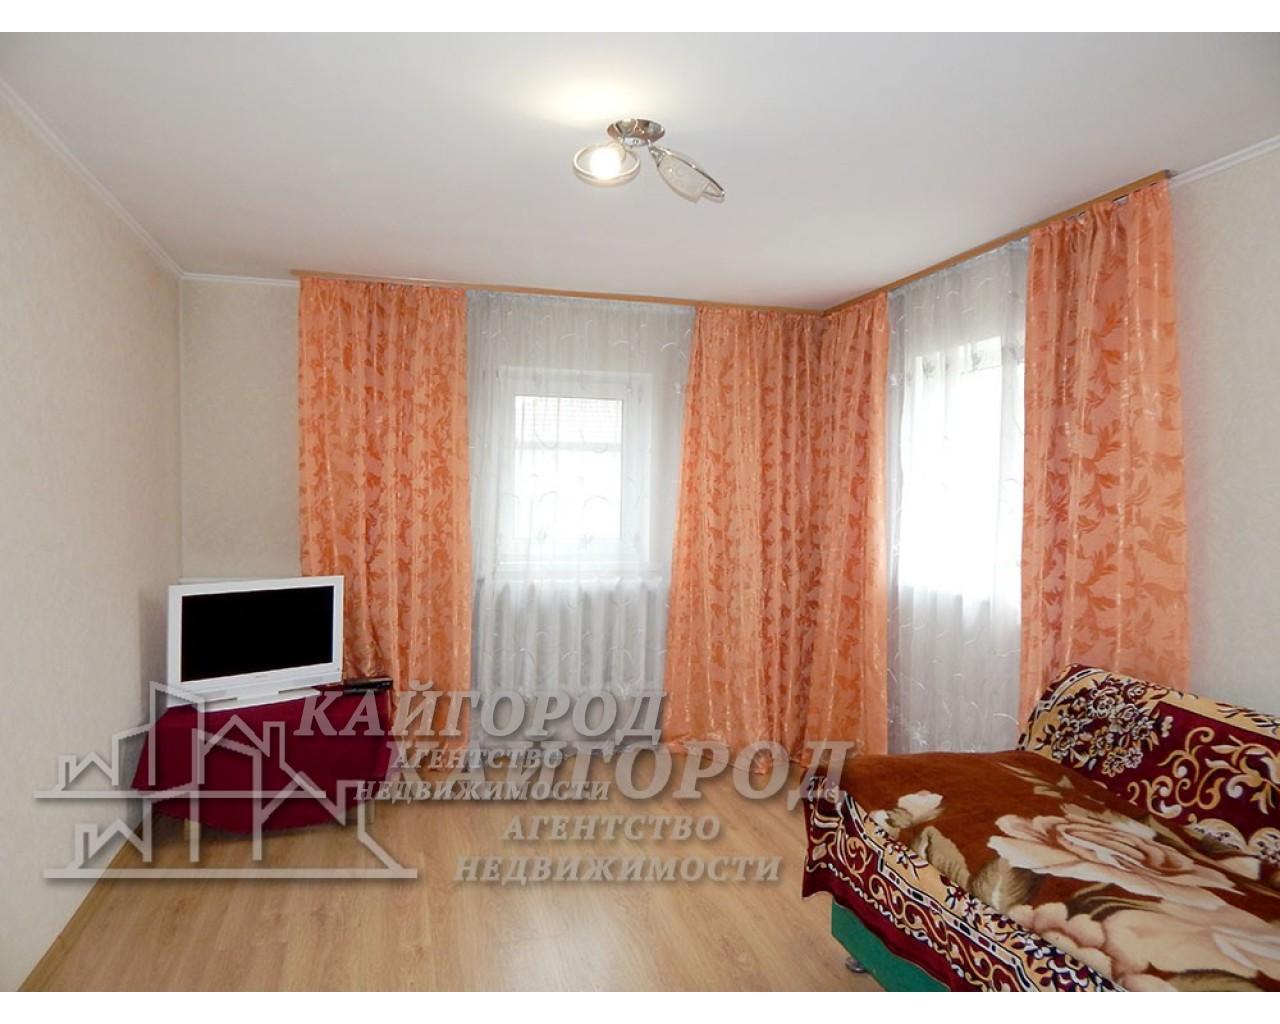 Продам будинок з ділянкою 114 соток та господарчими спорудами, 0% комісії для покупця